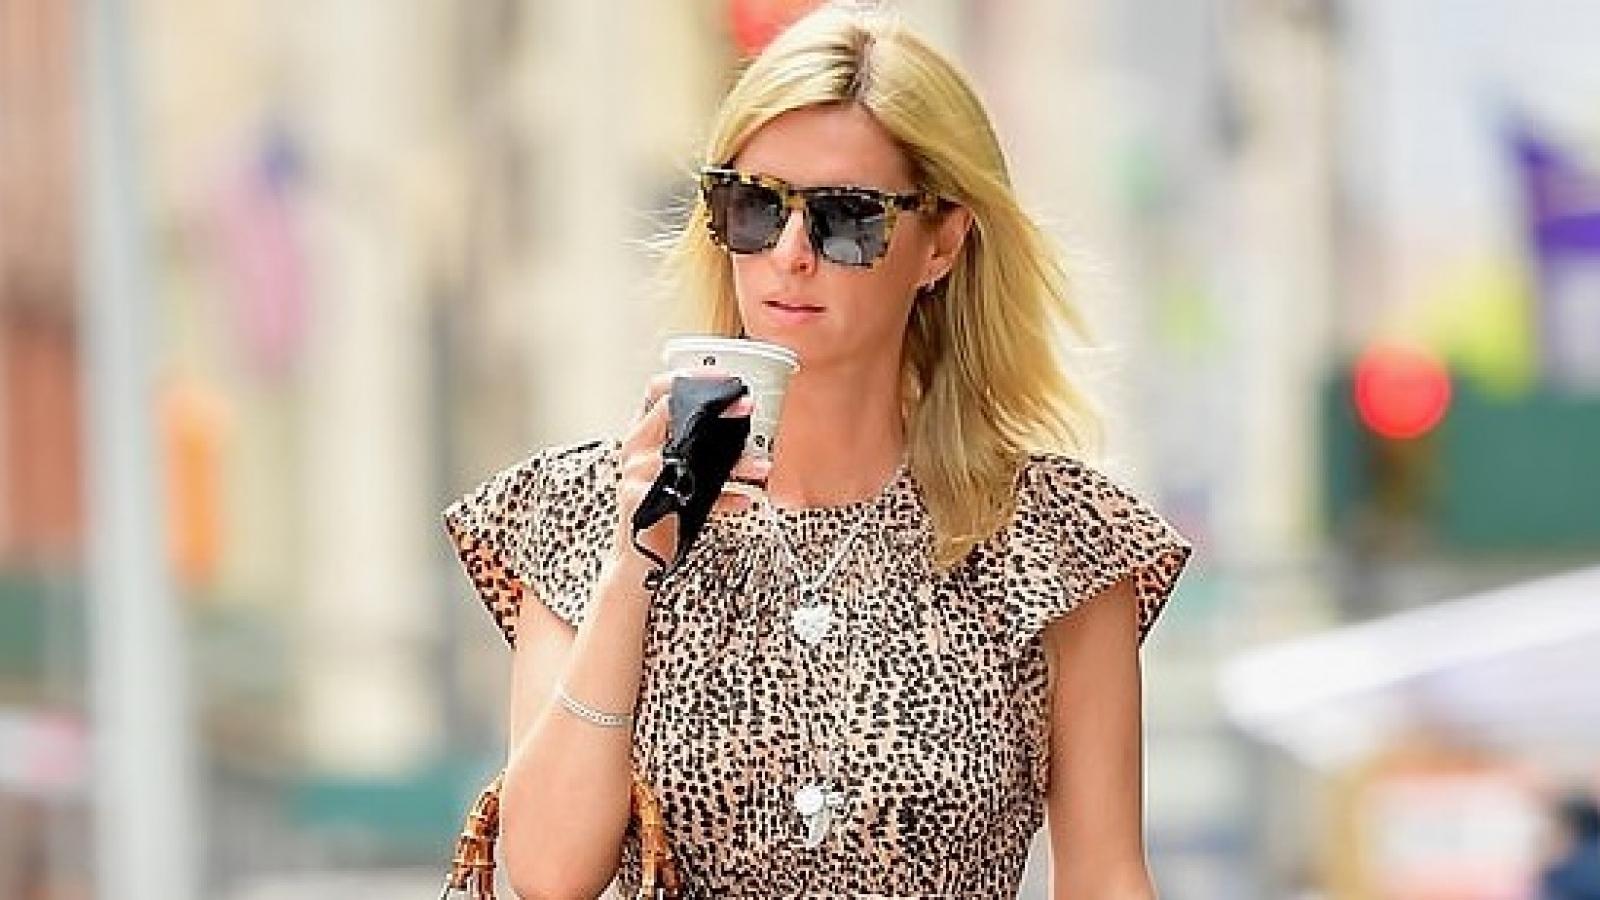 Em gái Paris Hilton thưởng thức cafe nóng hổi khi đi dạo phố